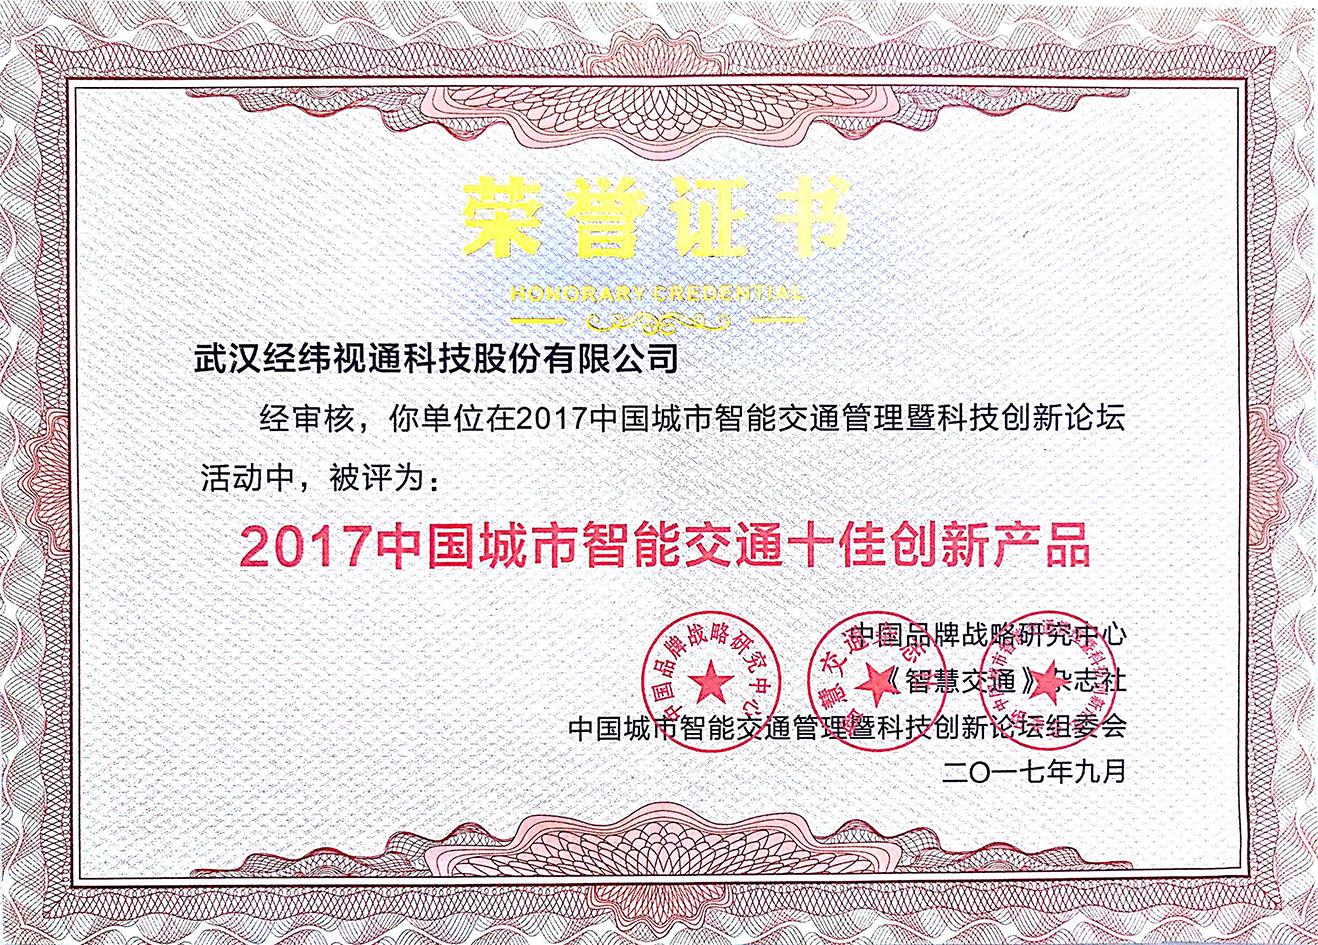 2017中國城市智能交通十佳創新產品榮譽證書